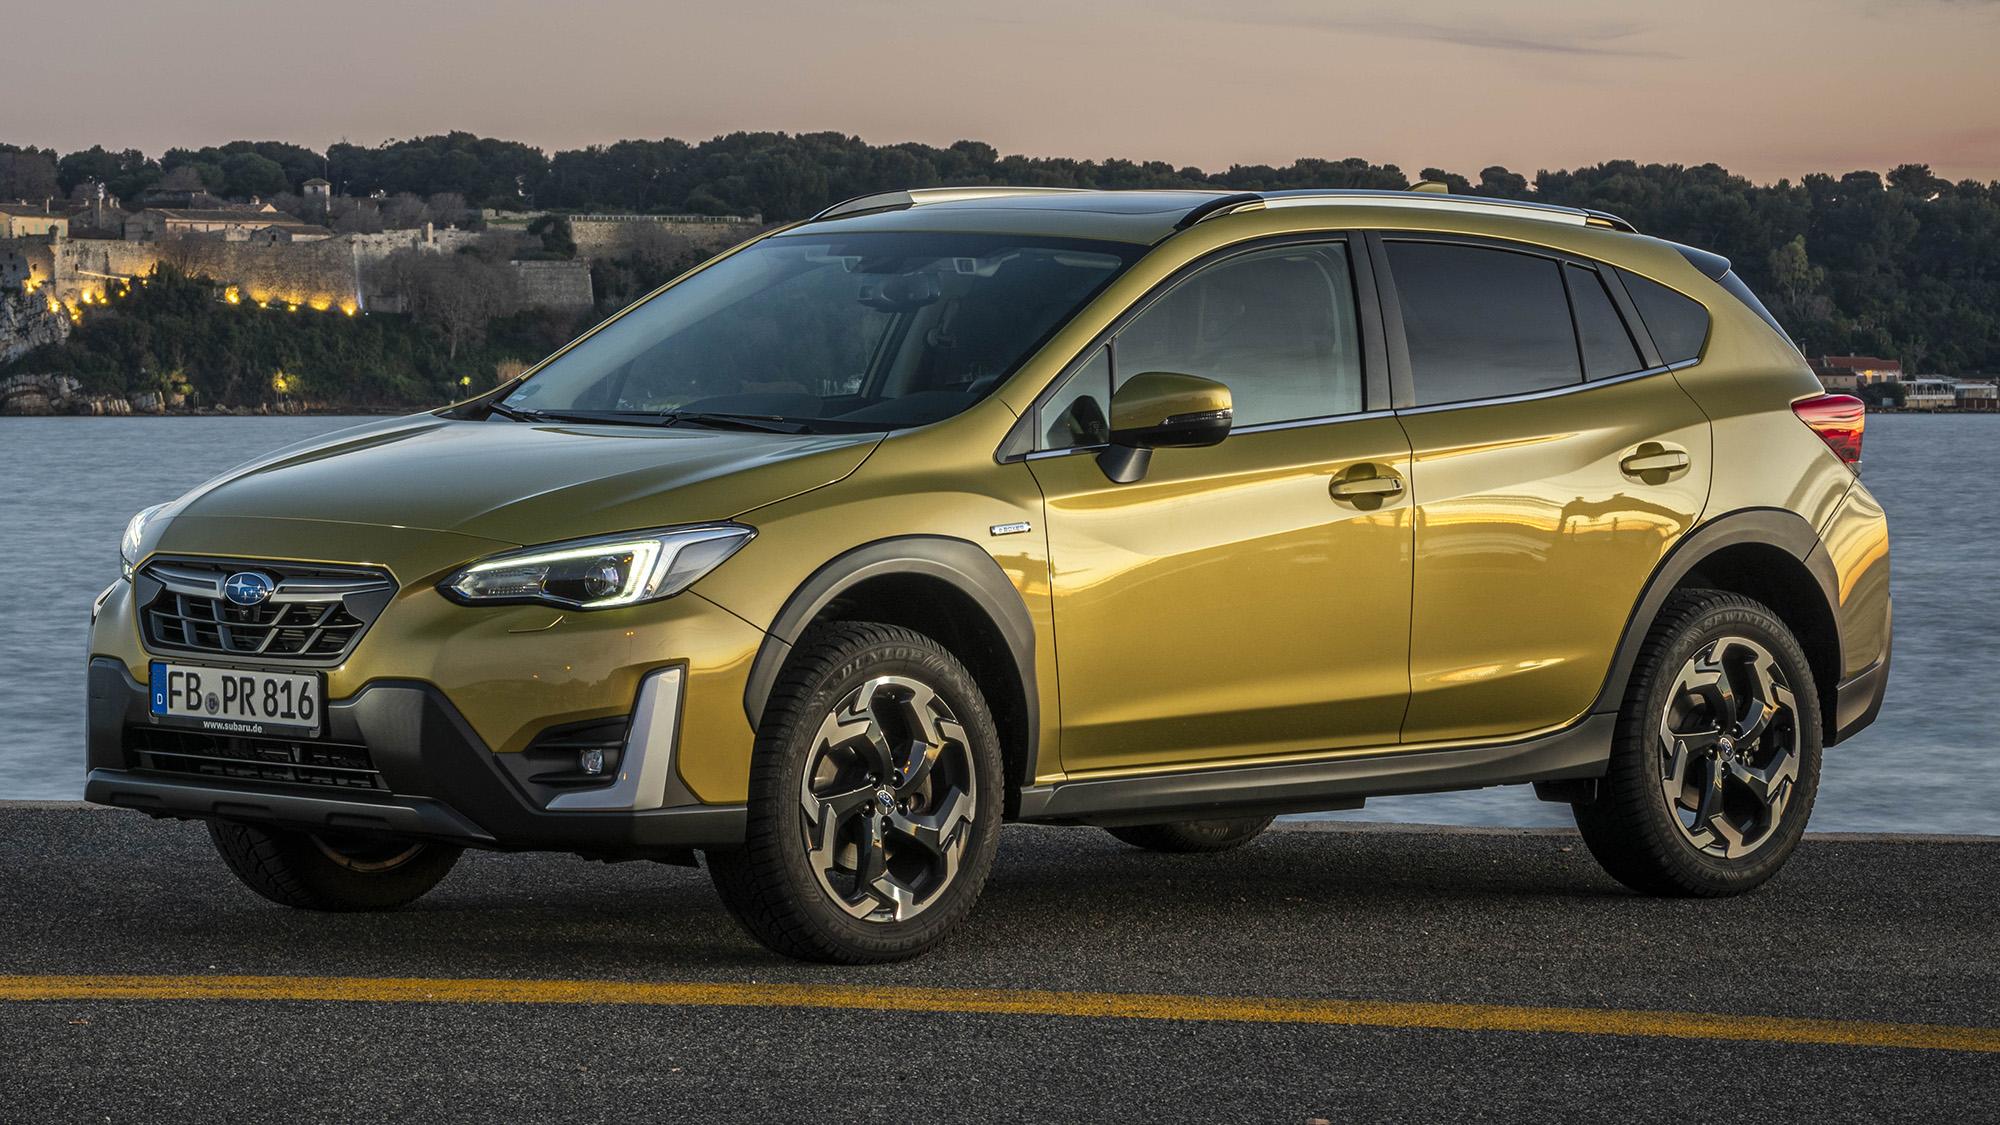 Subaru XV terá câmbio CVT de sete velocidades, tal como o Forester